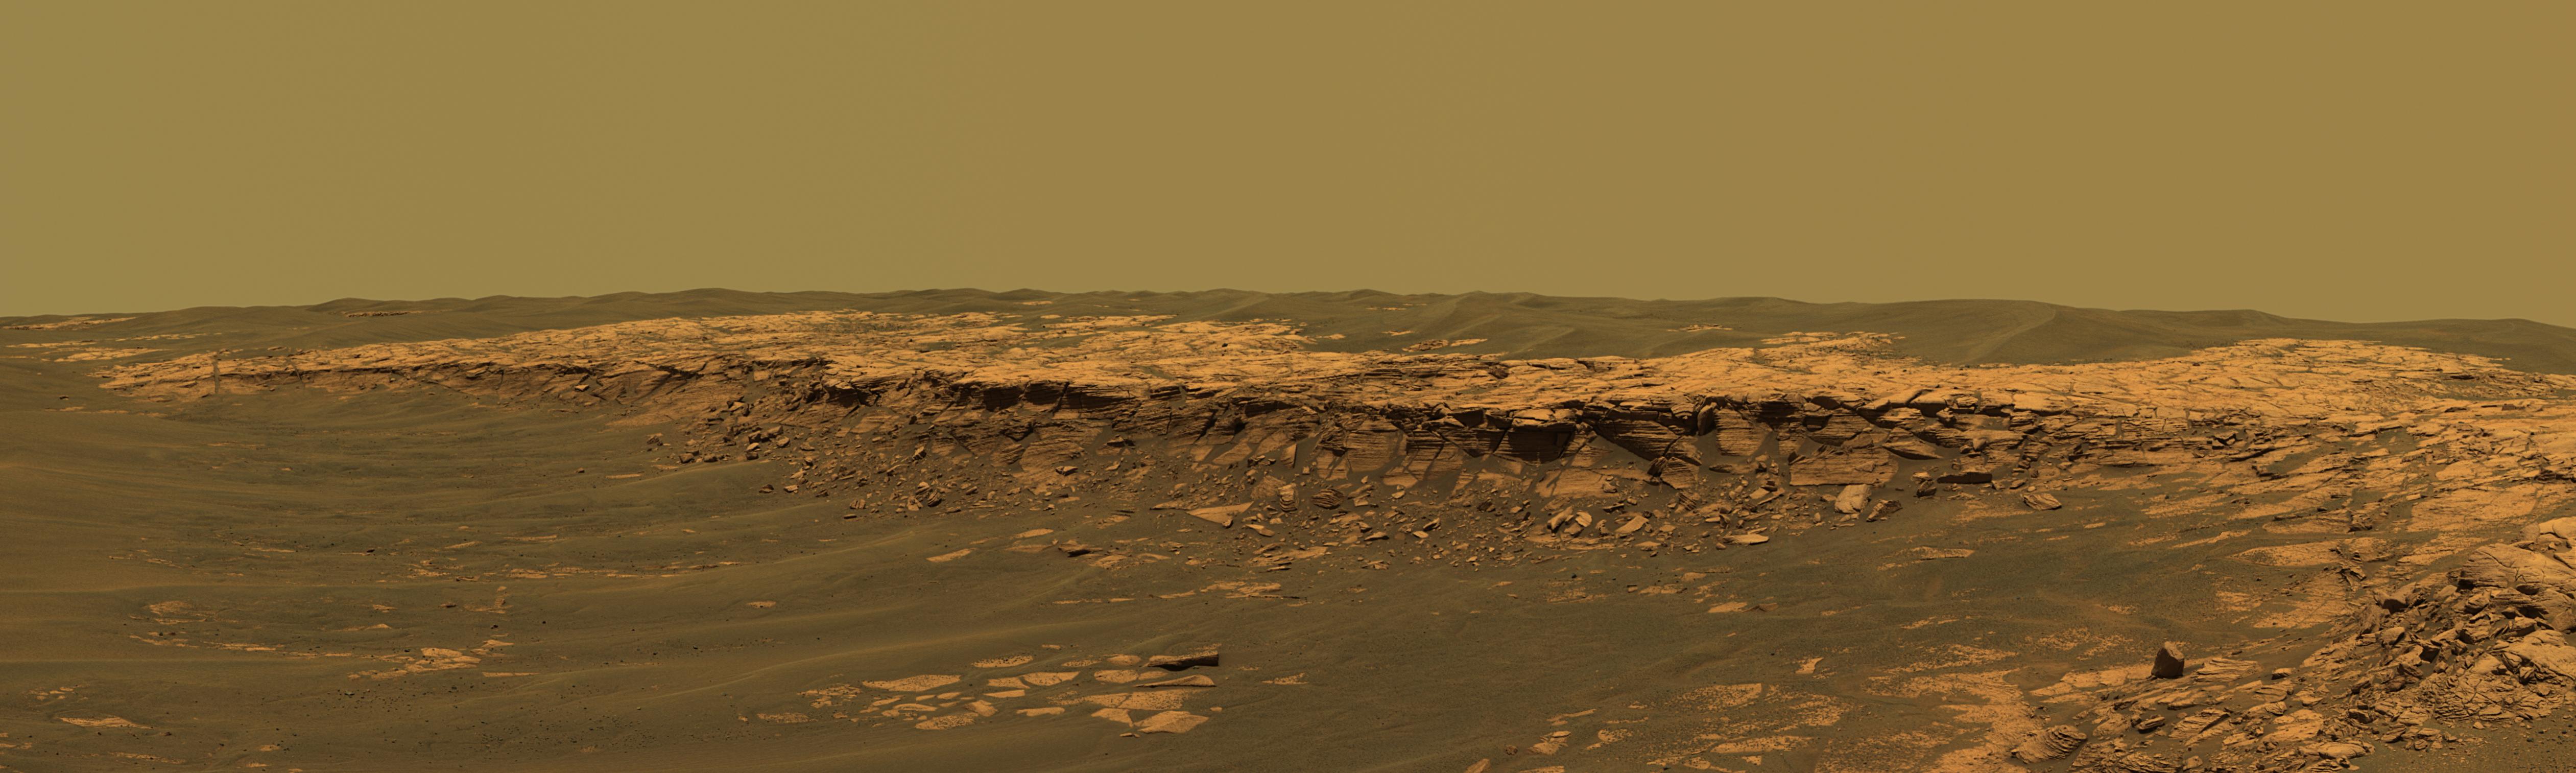 Risultato immagine per rover opportunity